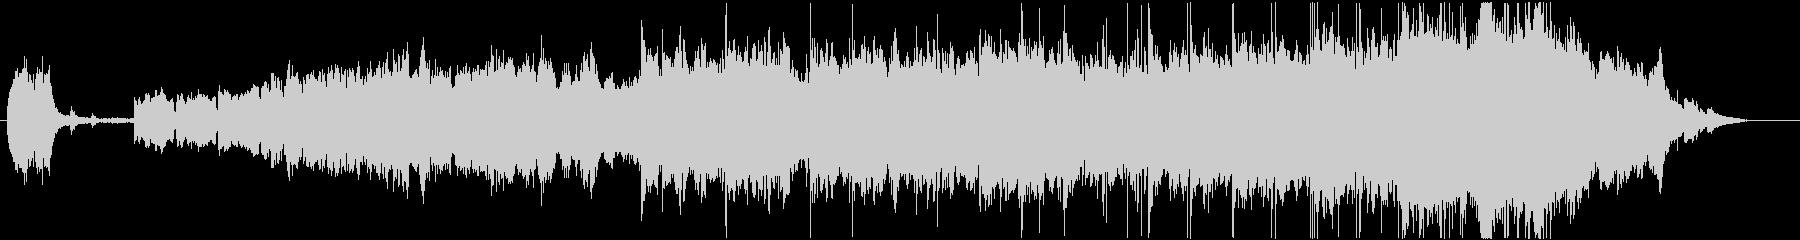 深々と流れるオーケストラサイレントナイトの未再生の波形